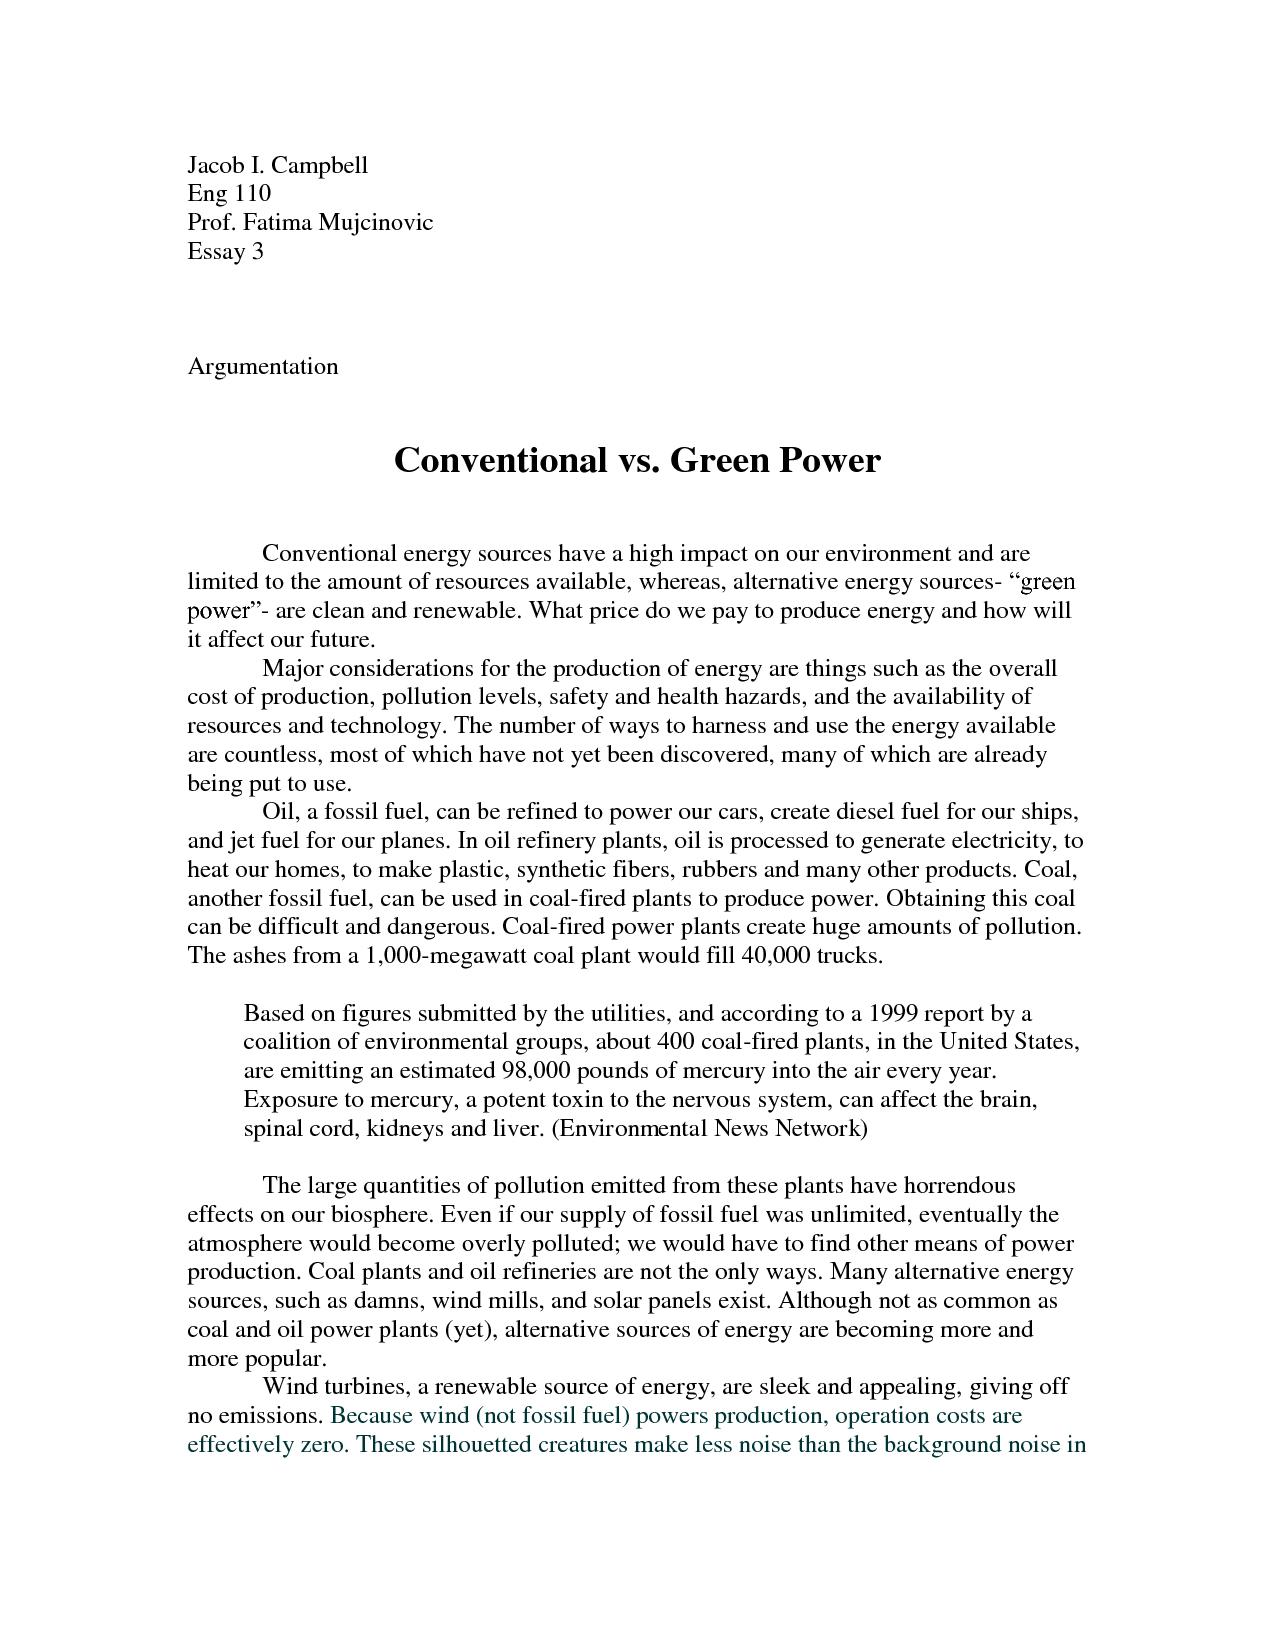 renewable energy essay topics